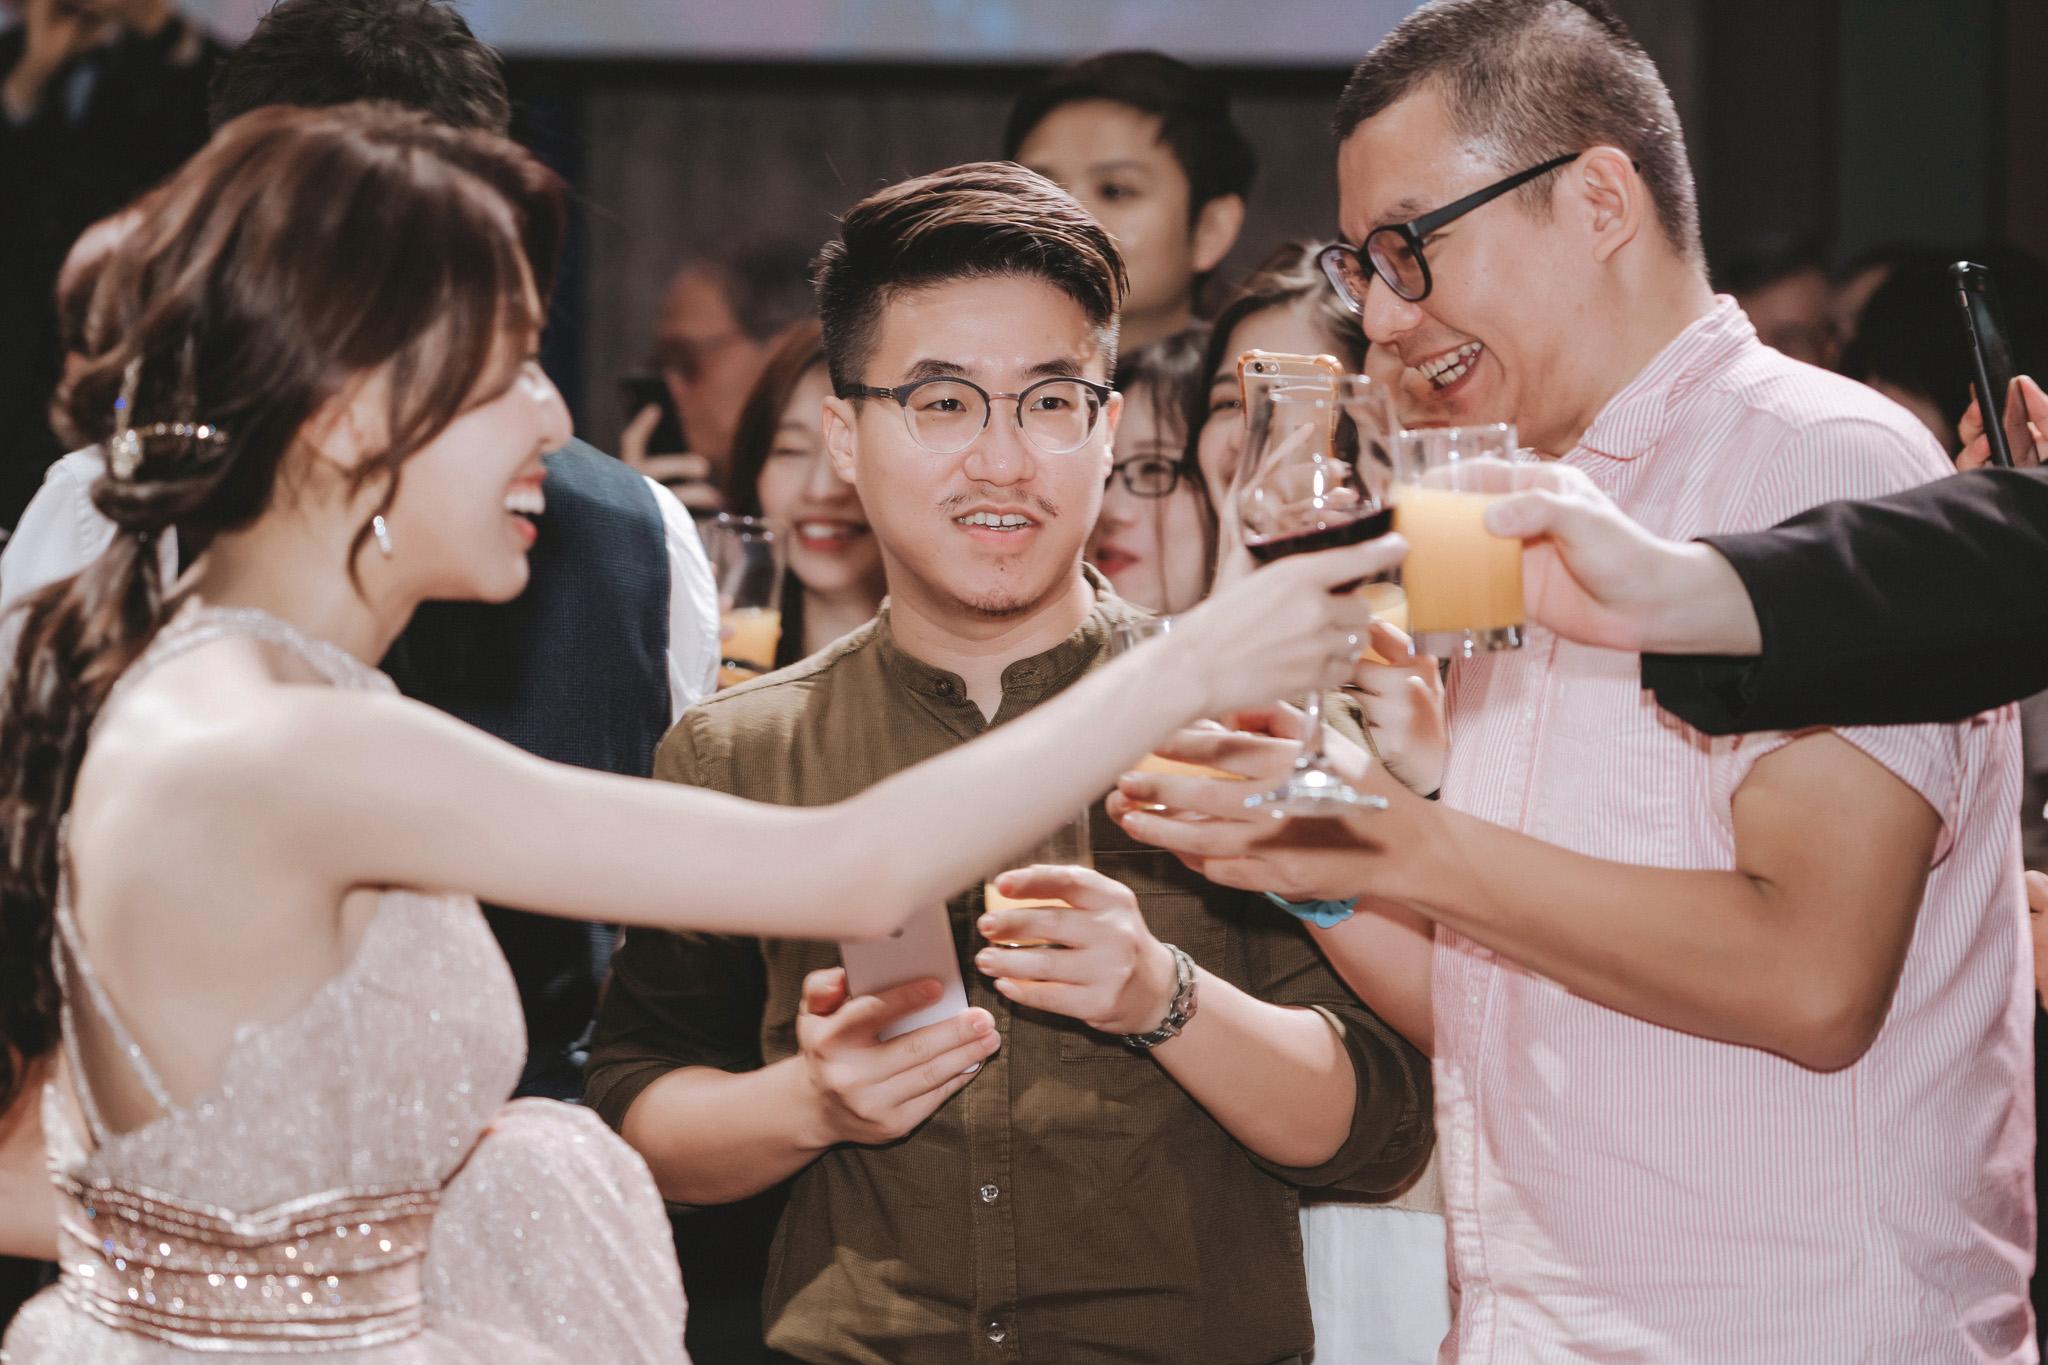 EW 居米 台北婚宴 台北婚紗 台北婚攝 國泰萬怡 台北婚禮 -51